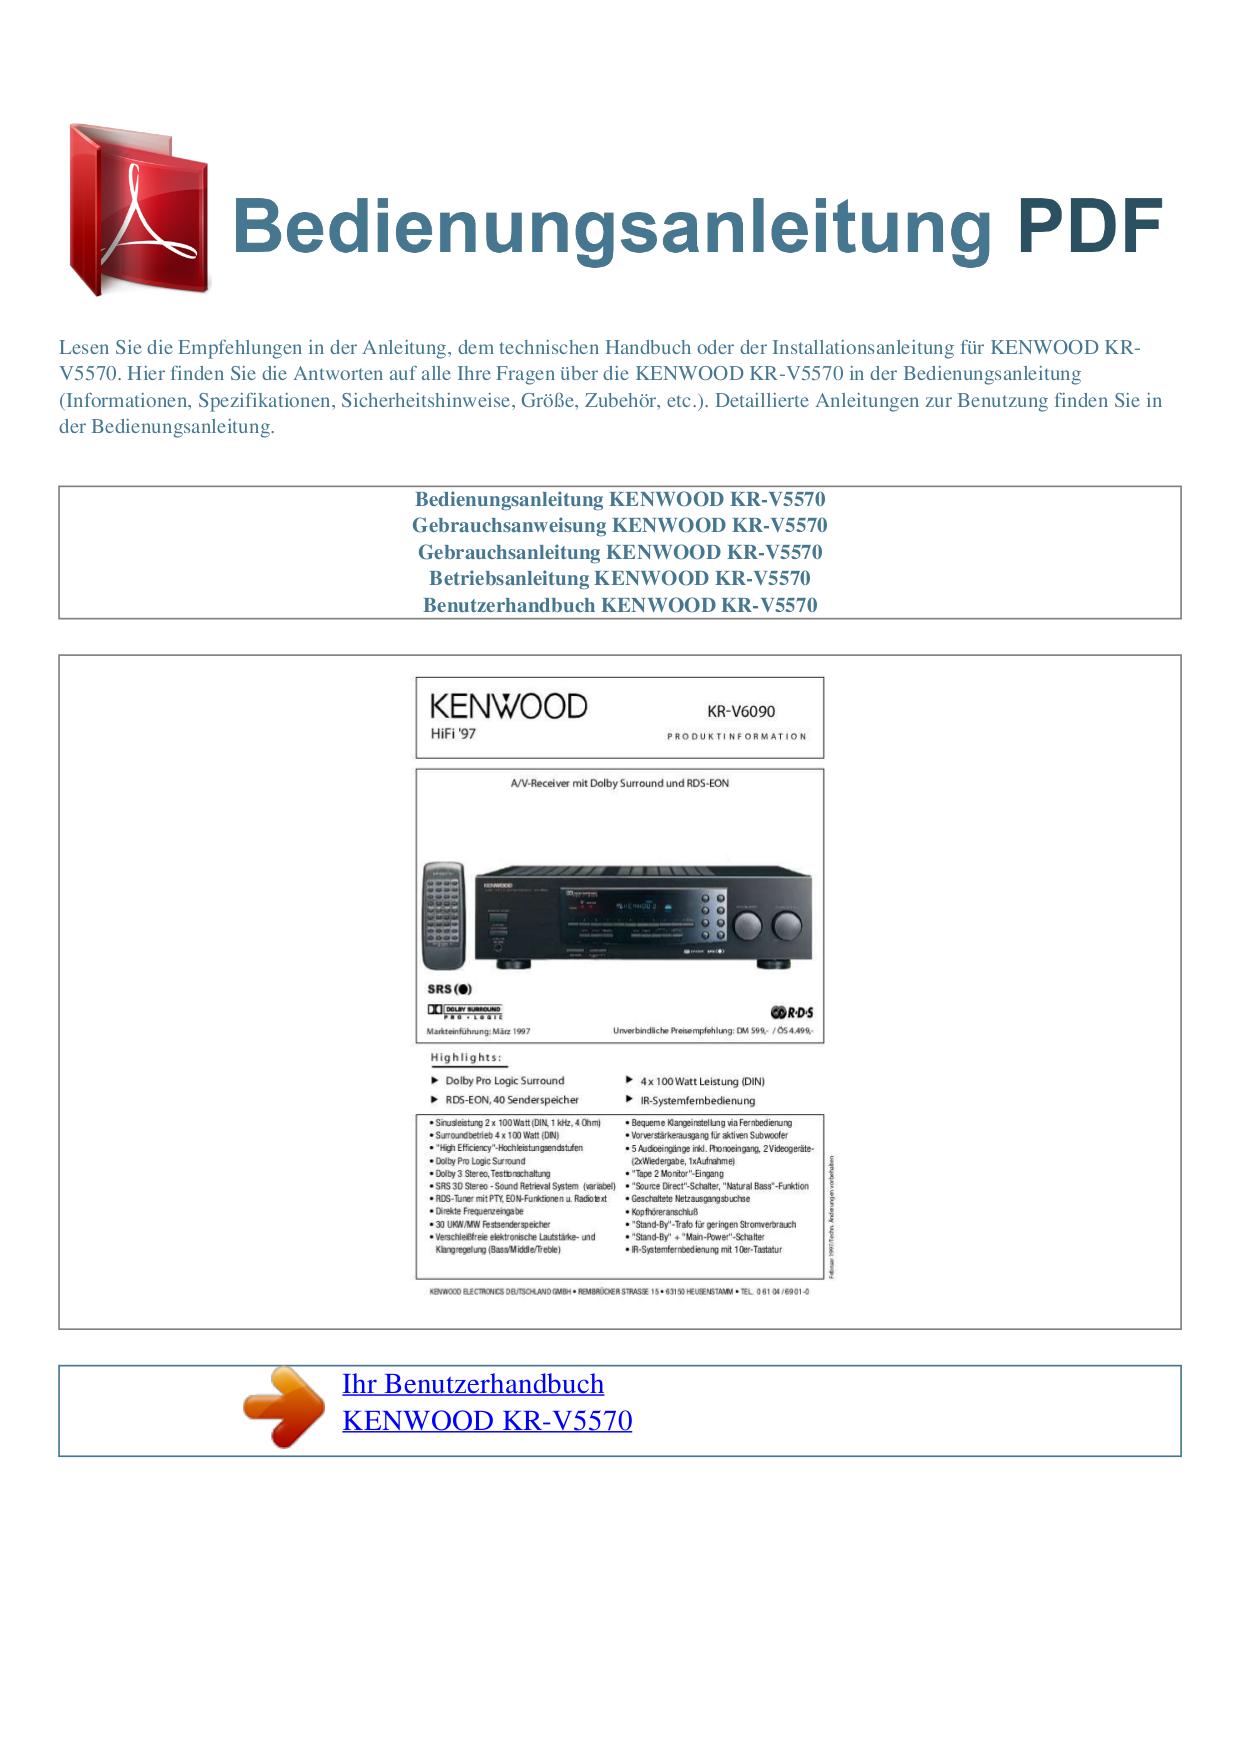 Download Free Pdf For Kenwood KR-V5570 Receiver Manual